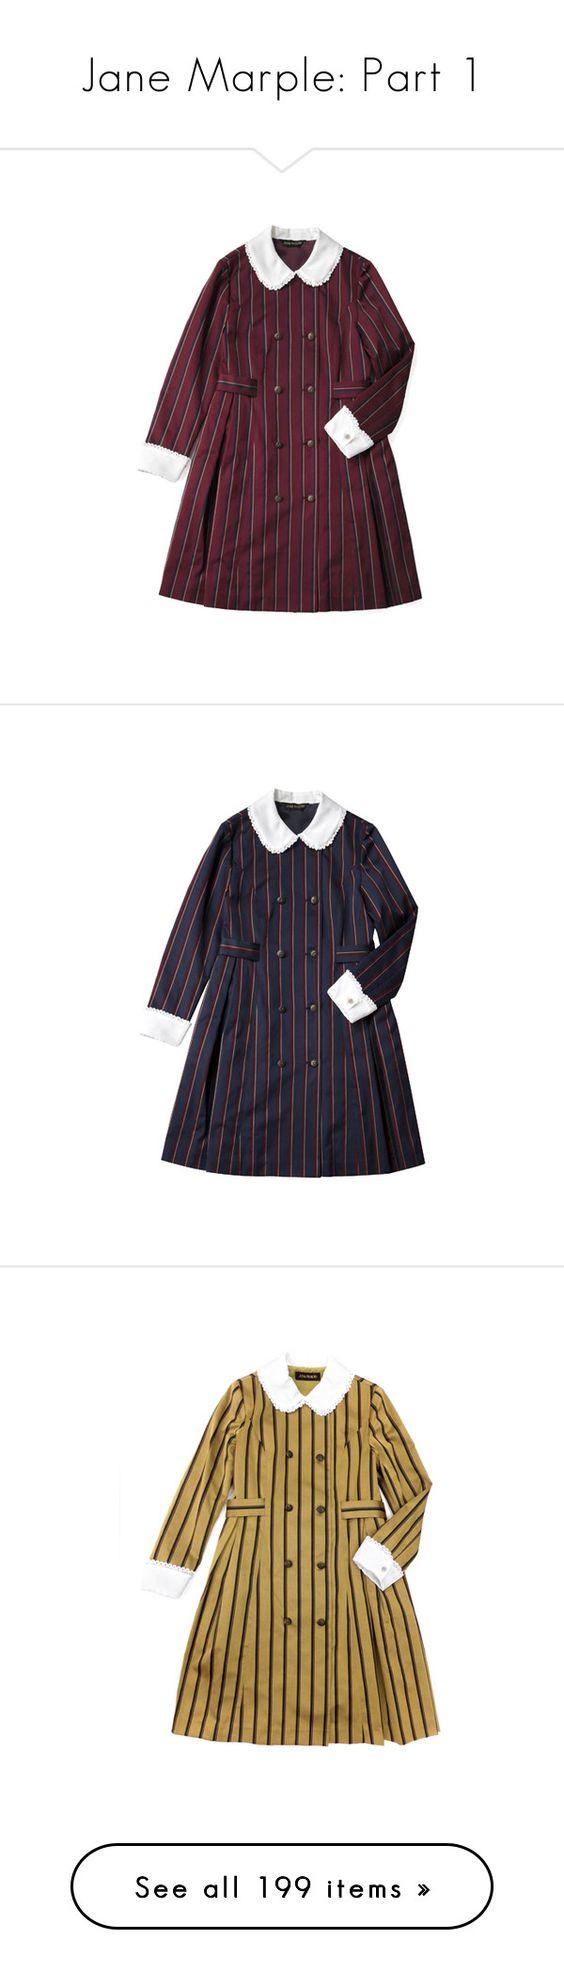 """""""Jane Marple: Part 1"""" by kochana-klaudia ❤ liked on Polyvore featuring janemarple, dresses, skirts, jane marple, knit tops, knit cardigan, purple cardigan, purple top, blue knit cardigan and blue knit top"""